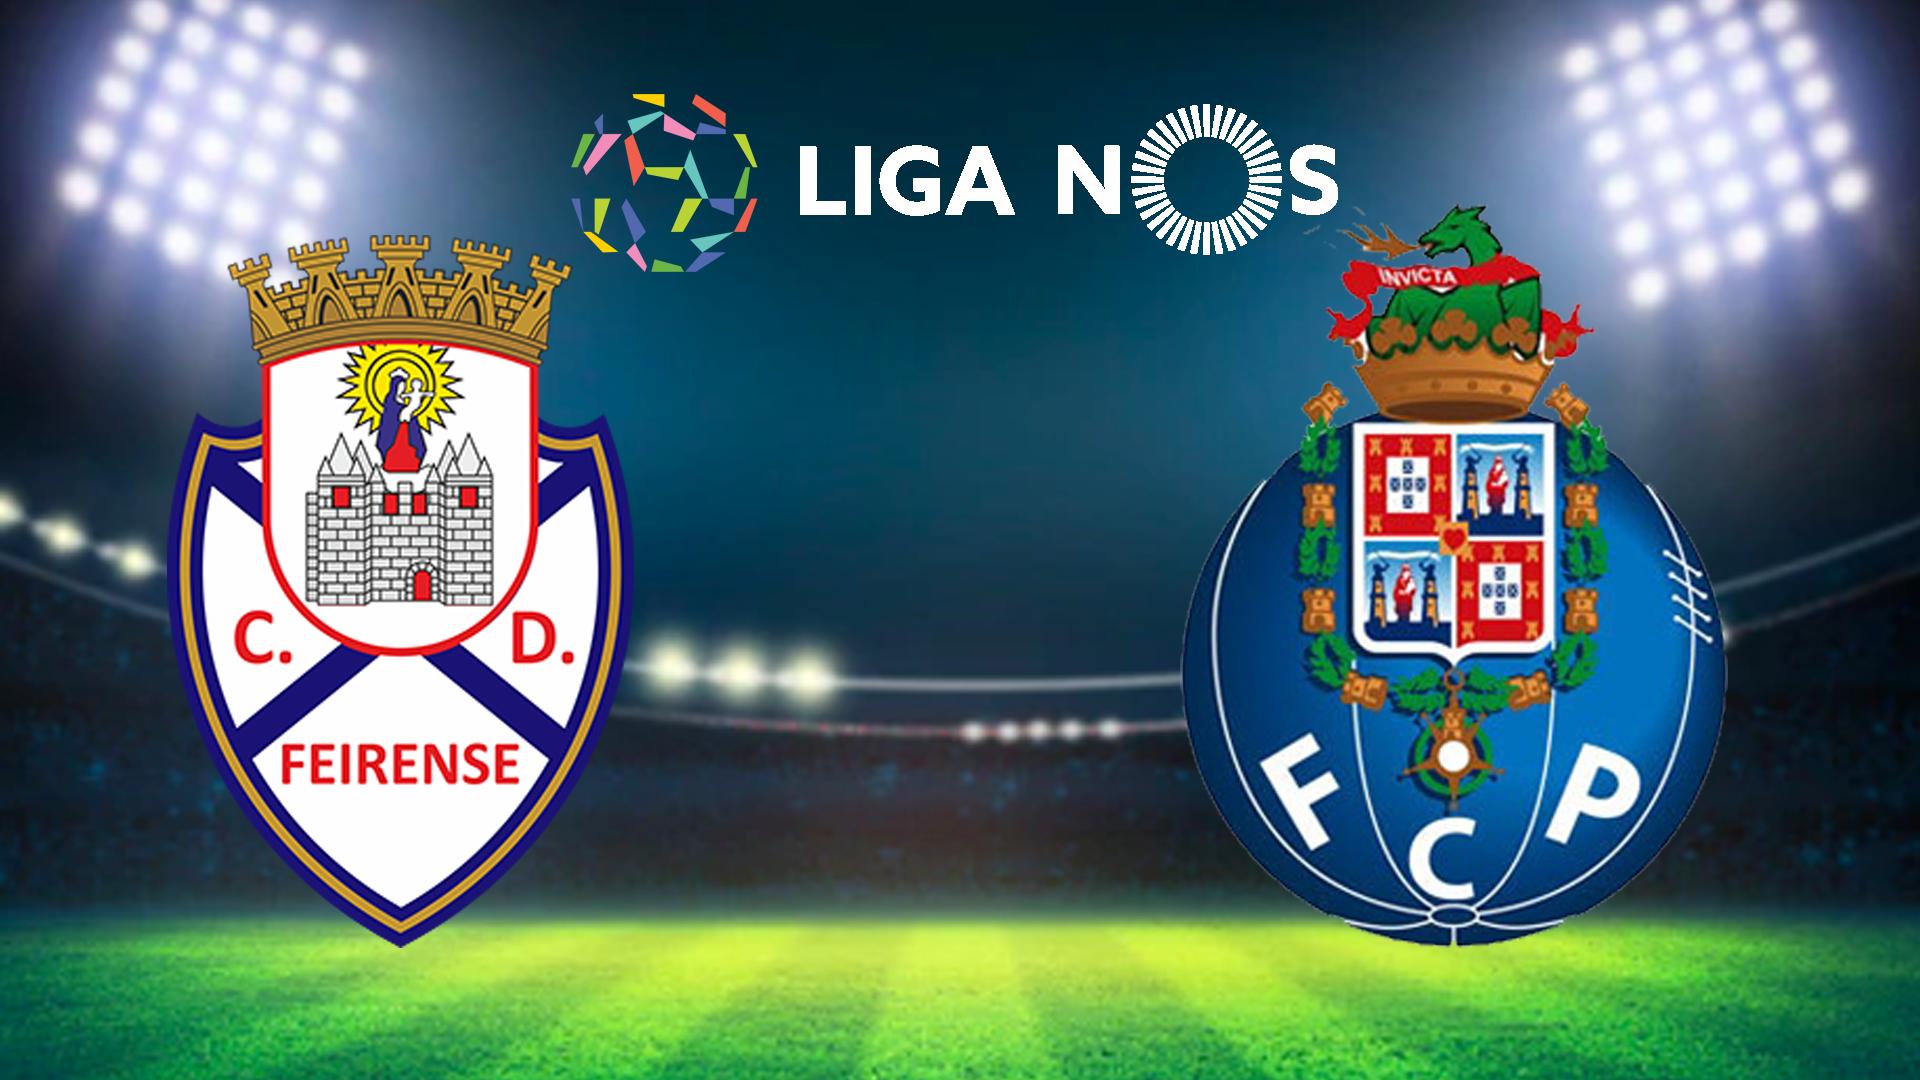 Liganos Direto: Feirense Vs Fc Porto Na Sport Tv1